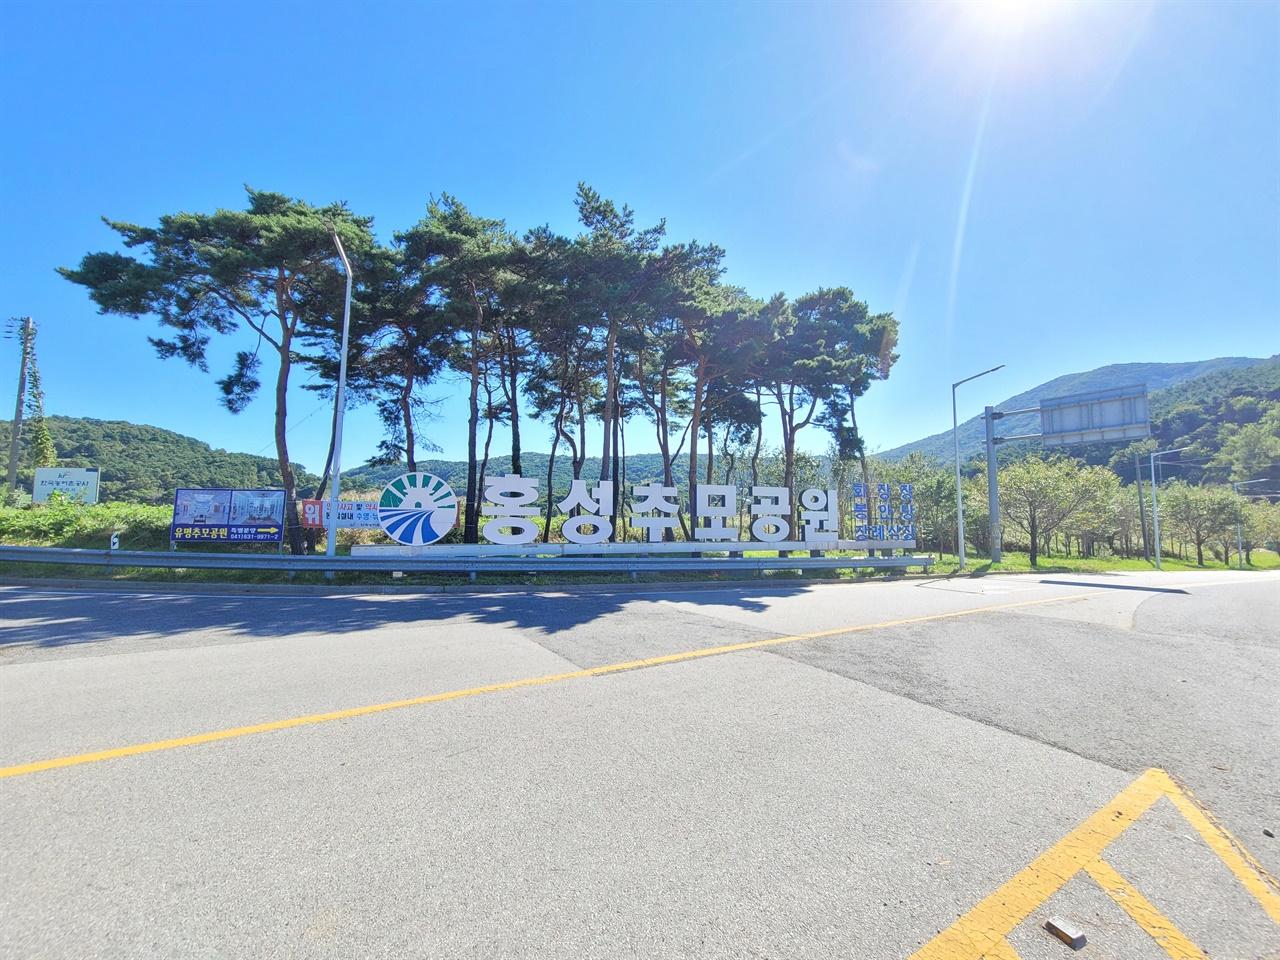 홍성군은 추석 연휴 기간 동안 08시부터 18시까지 홍성추모공원 봉안당을 운영한다. 단, 제례실을 폐쇄하고 봉안당내 음식물 반입을 금지했다.